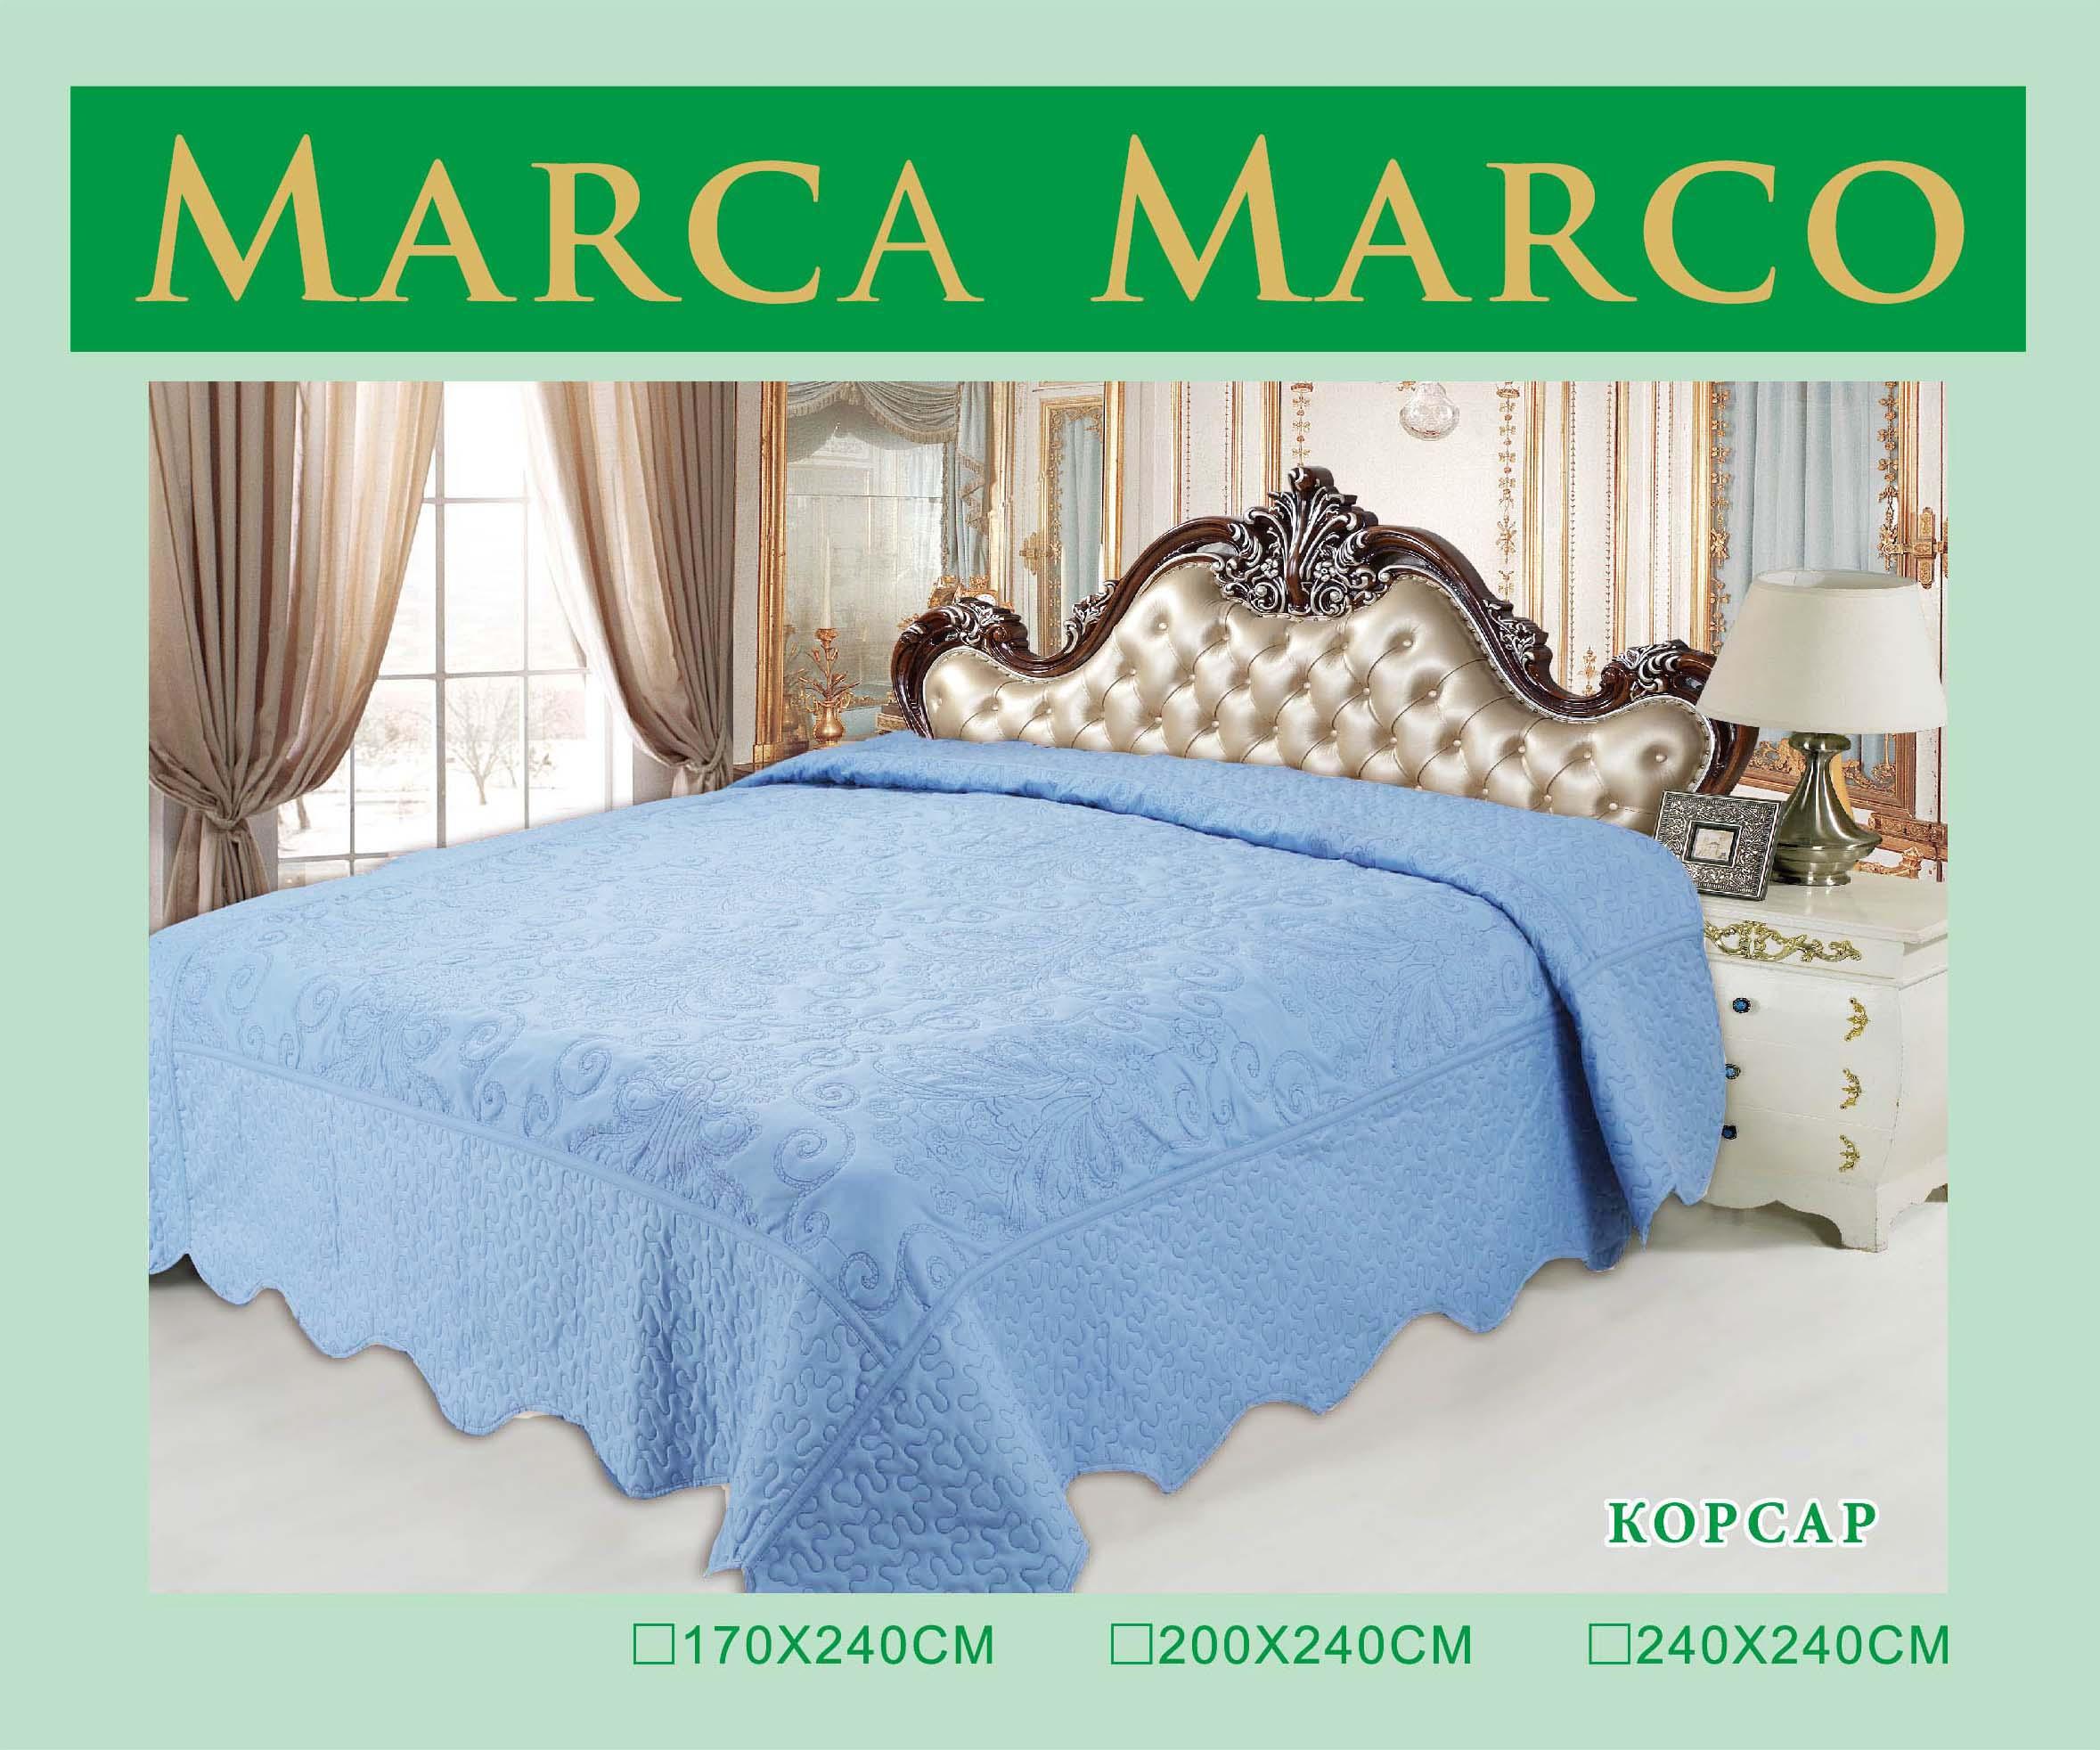 Покрывало MАRCA MARCO Покрывало Корсар (200х240 см)